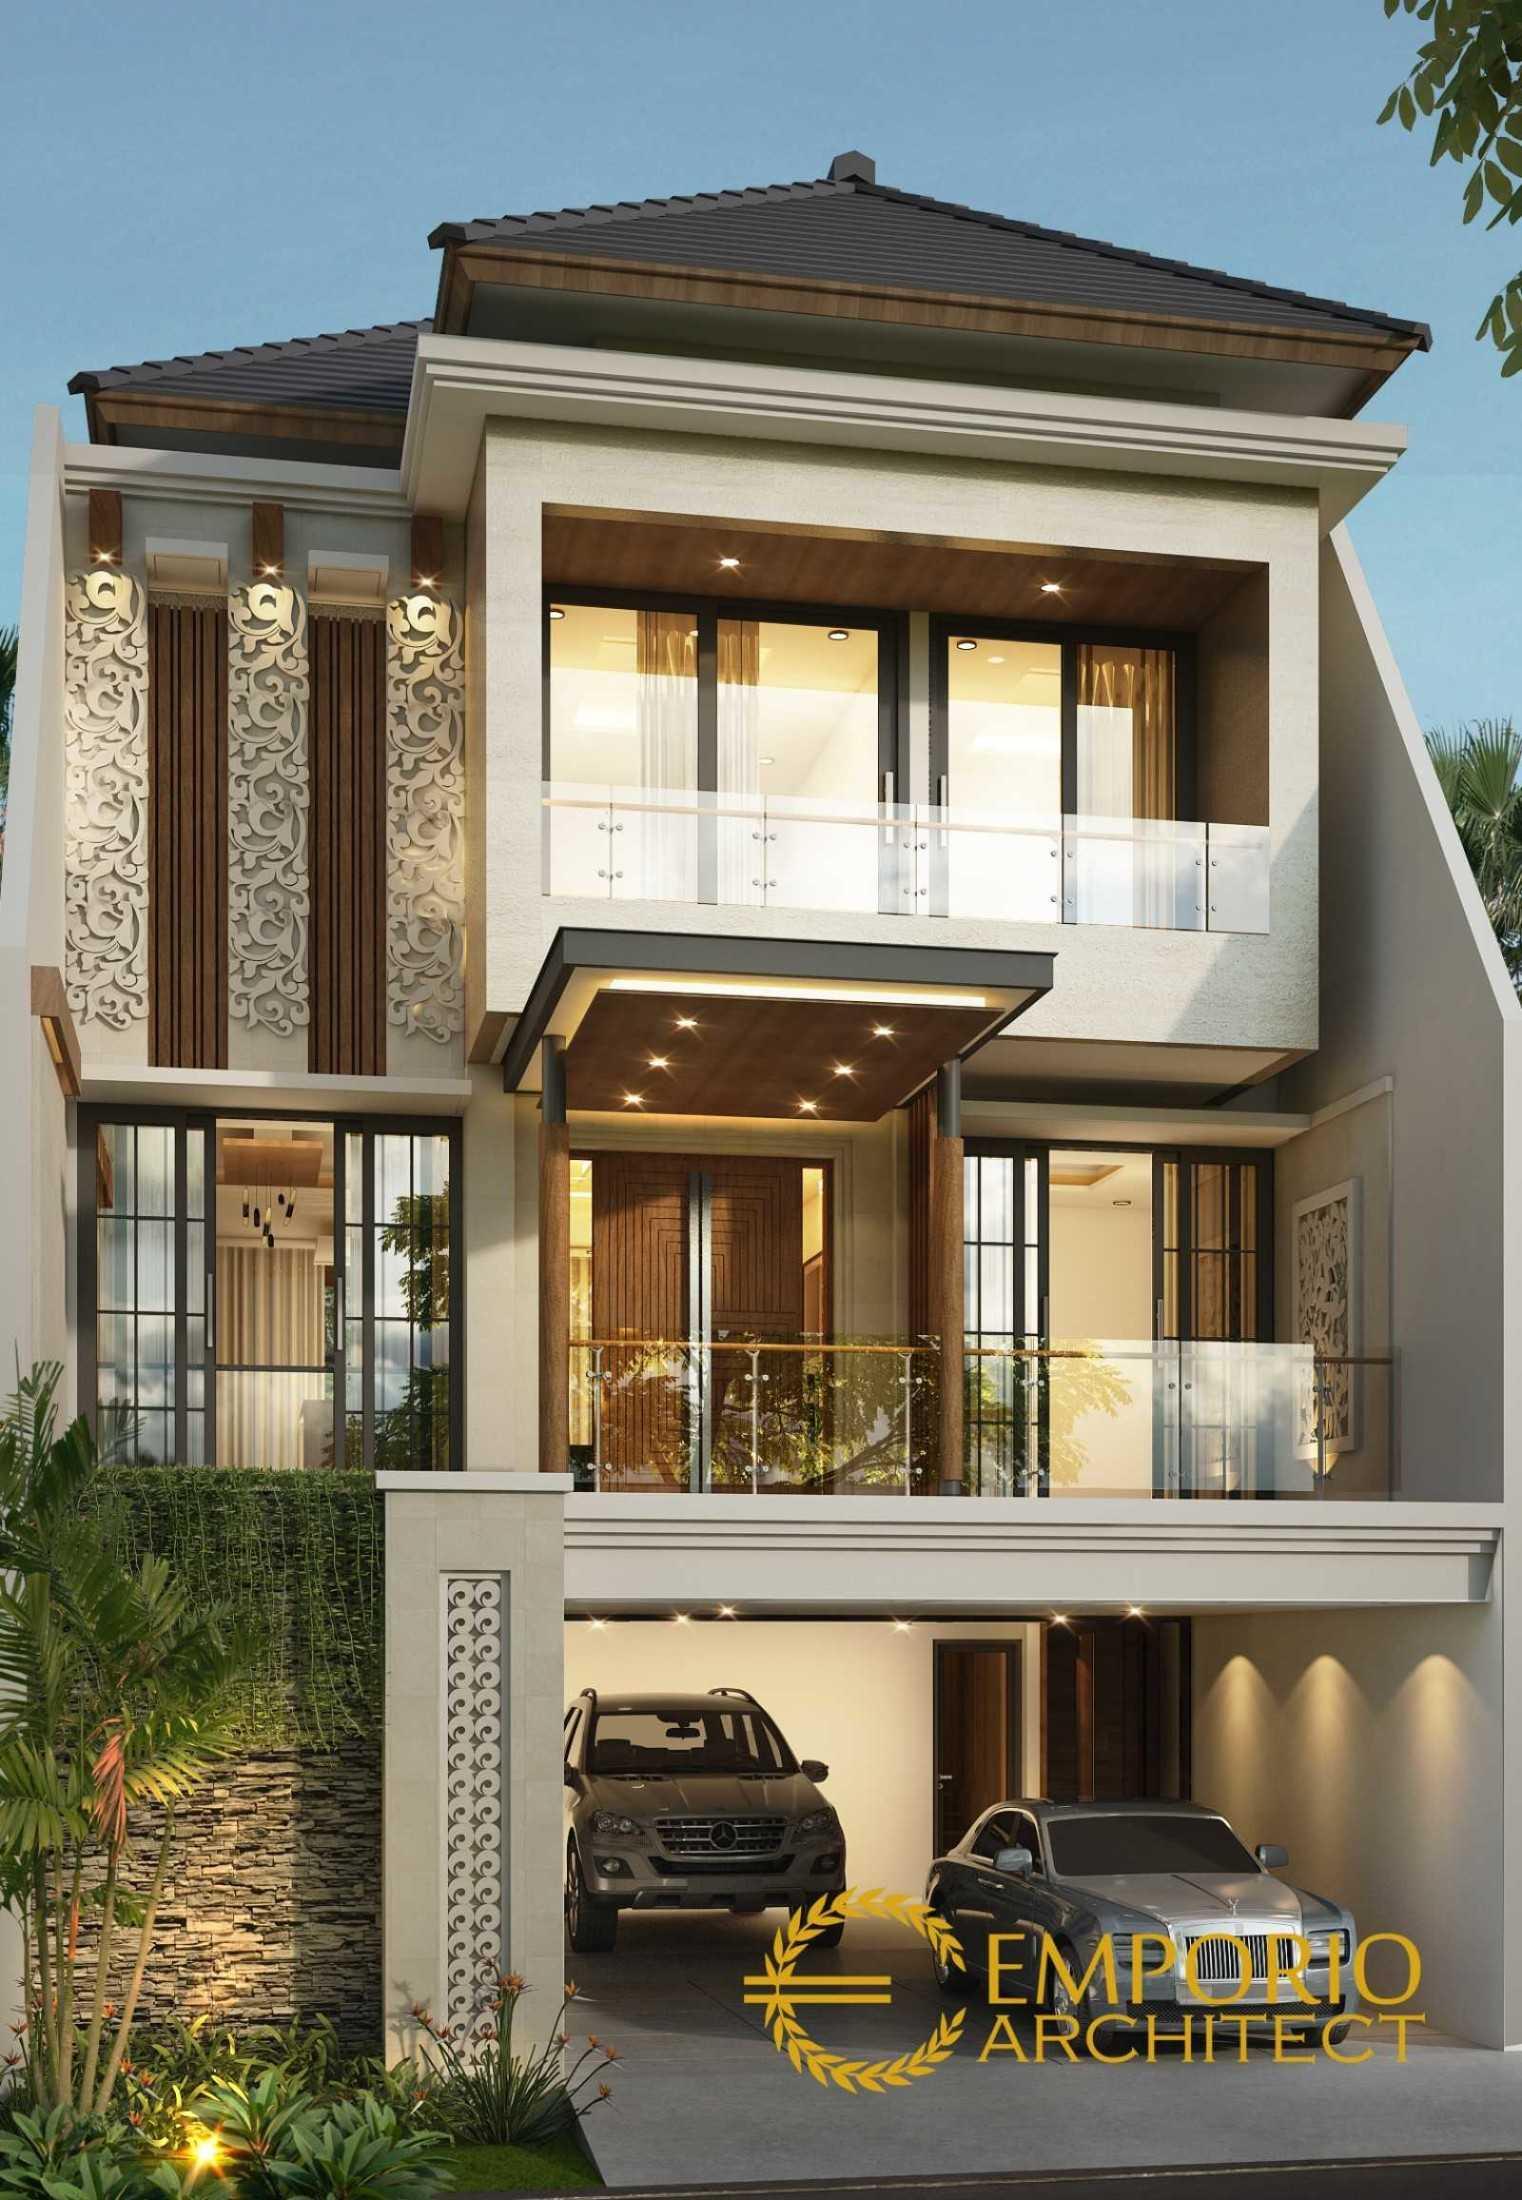 Emporio Architect Desain Rumah Modern Tropis 468 @ Tangerang Tangerang, Kota Tangerang, Banten, Indonesia Tangerang, Kota Tangerang, Banten, Indonesia Emporio-Architect-Desain-Rumah-Modern-Tropis-468-Tangerang Modern 76592